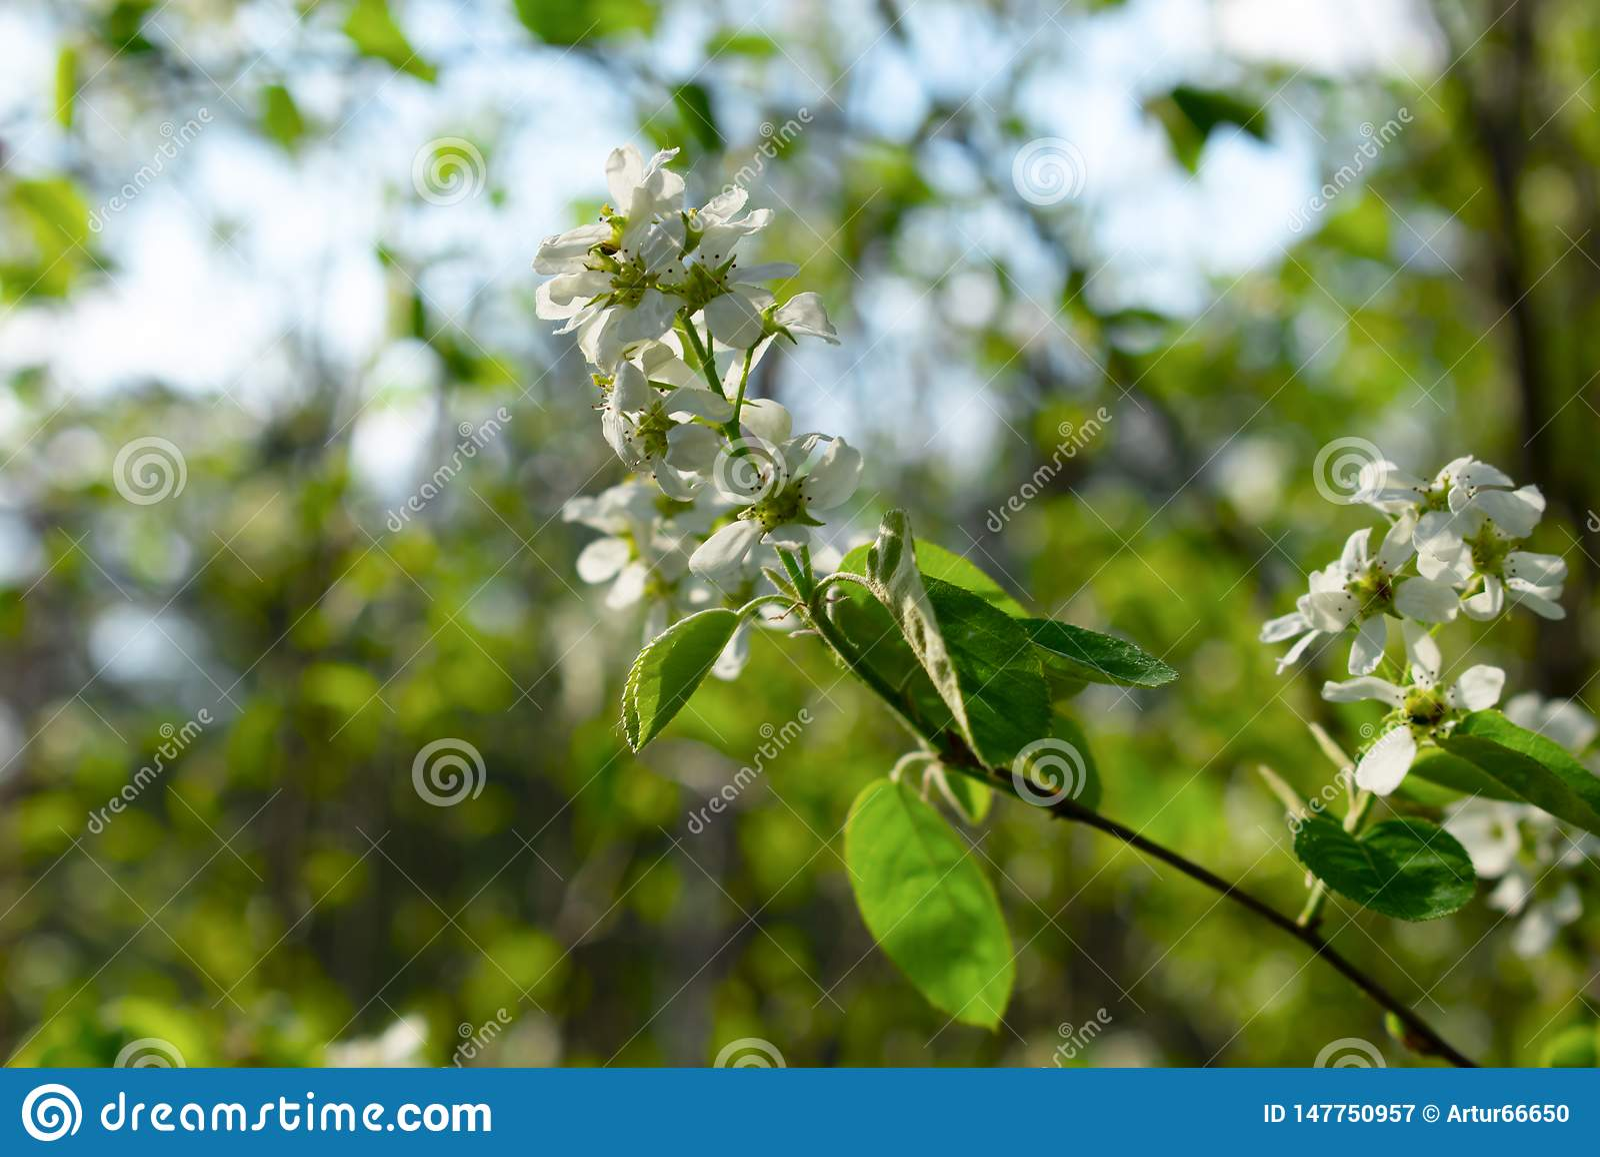 Primo piano di fioritura del ramo di albero con fondo vago